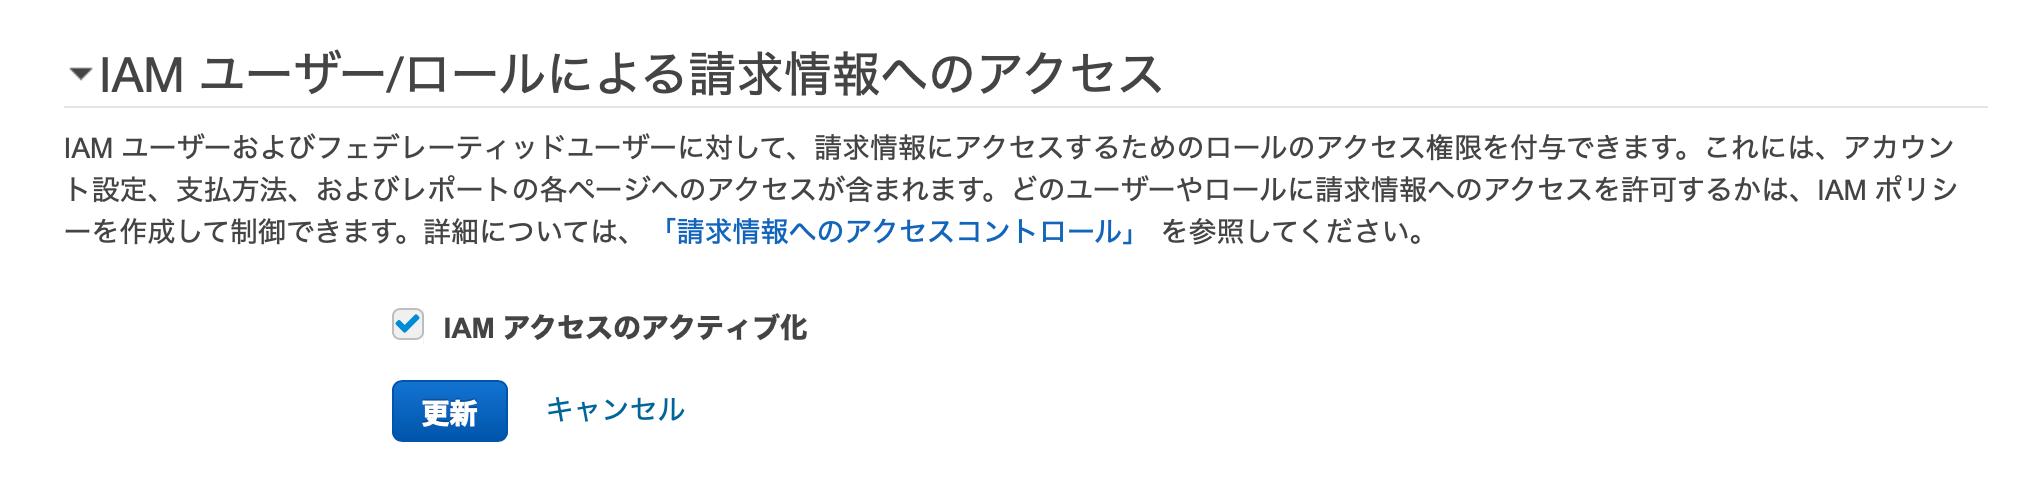 スクリーンショット 2020-01-17 11.15.51.png